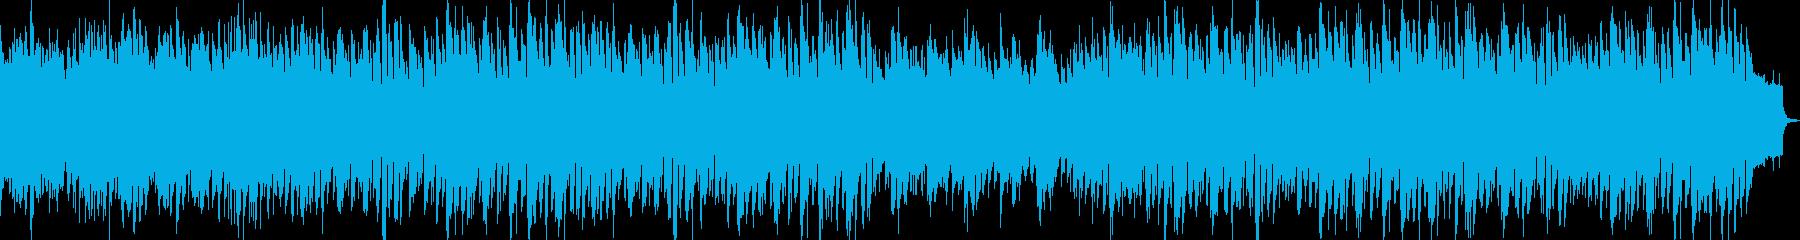 RPGの村などで使えるラテンバラードの再生済みの波形